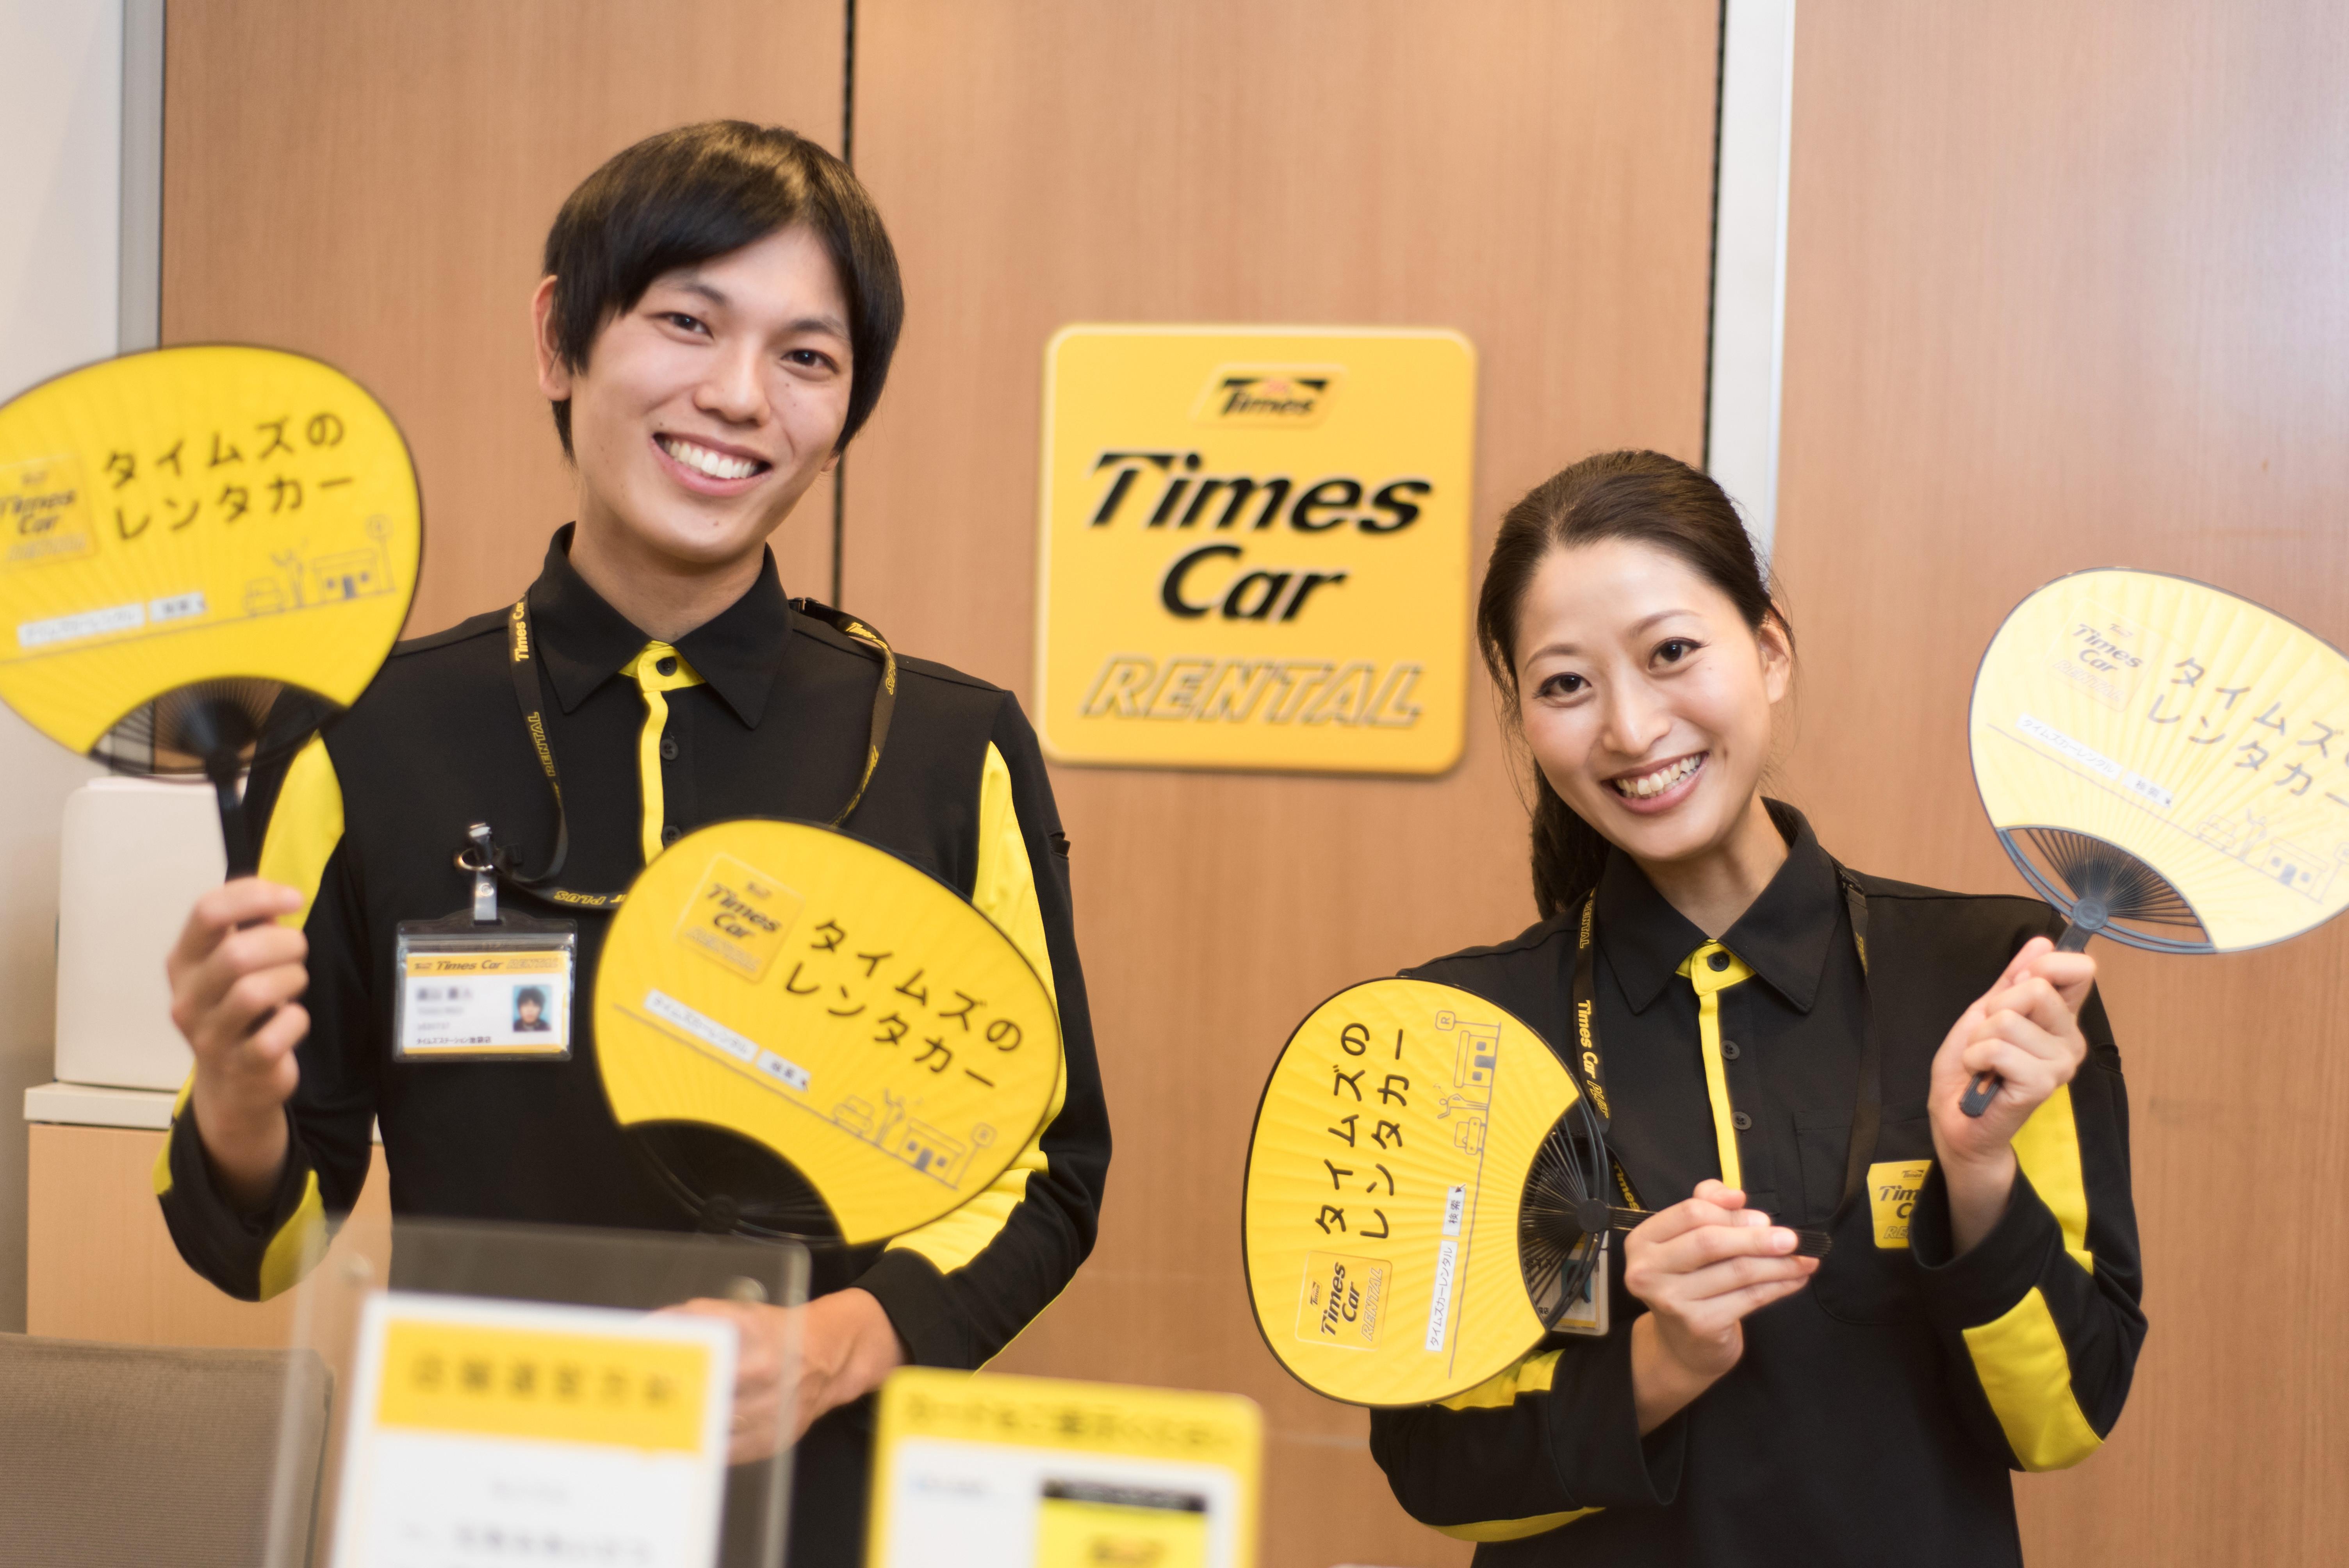 タイムズカーレンタル タイムズステーション 札幌駅前 フルタイム勤務のアルバイト情報